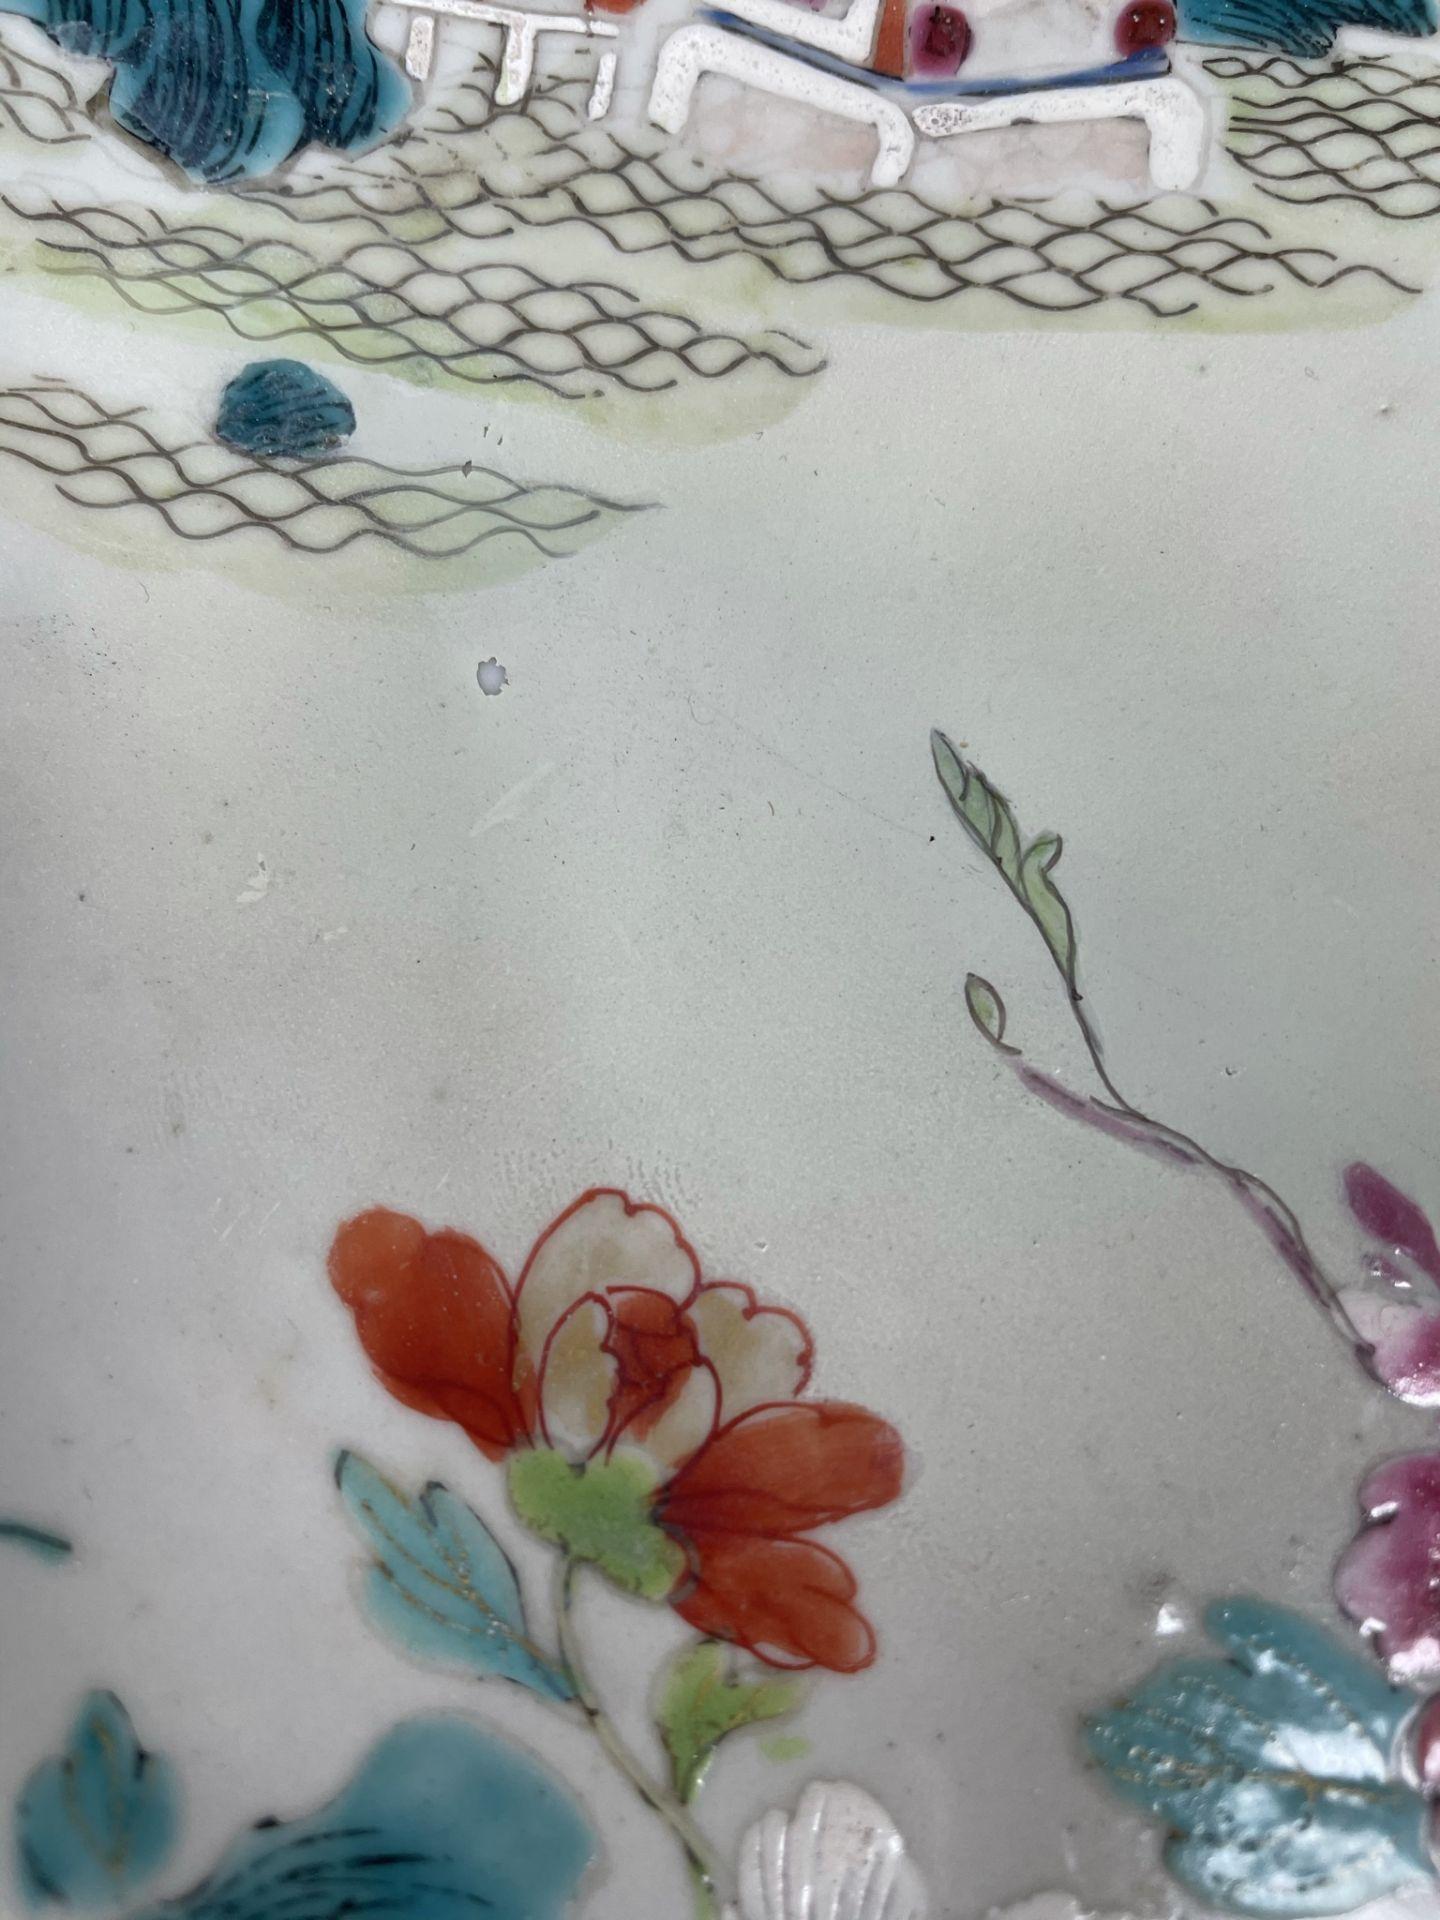 2 Platten. Porzellan. Wohl China antik. - Image 14 of 16